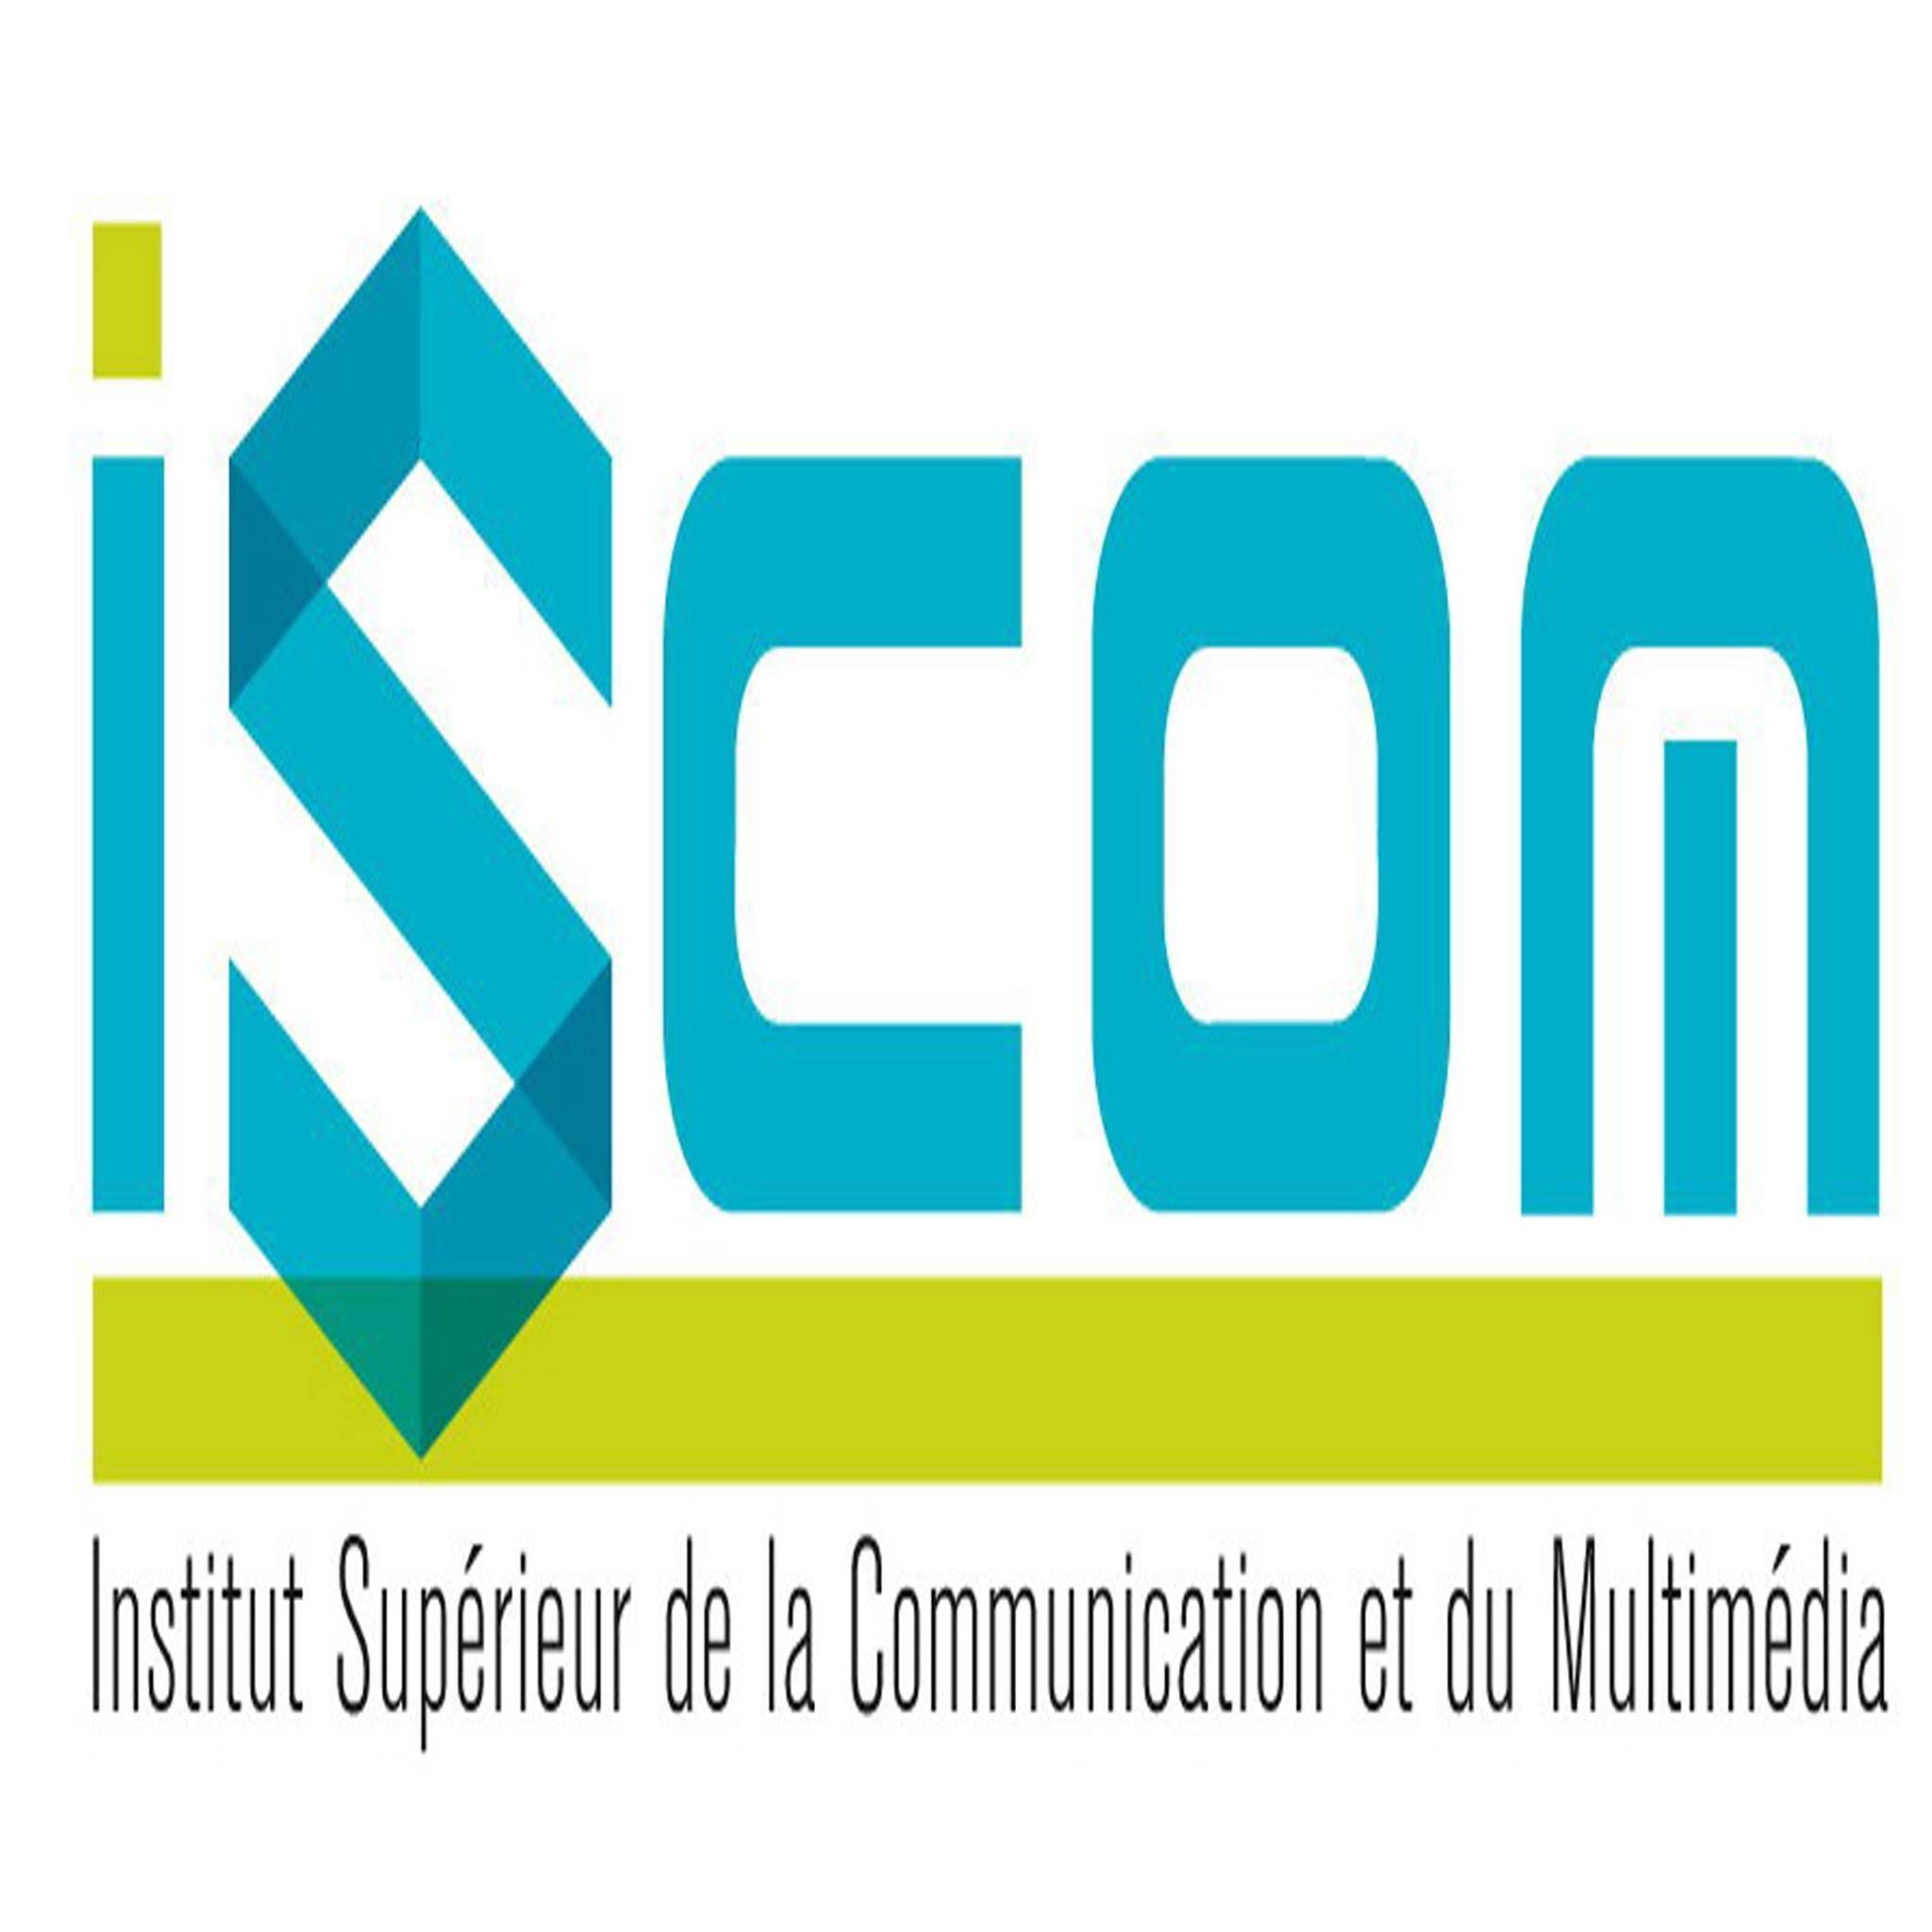 Institut Supérieur de la Communication et Multimédia (ISCOM)